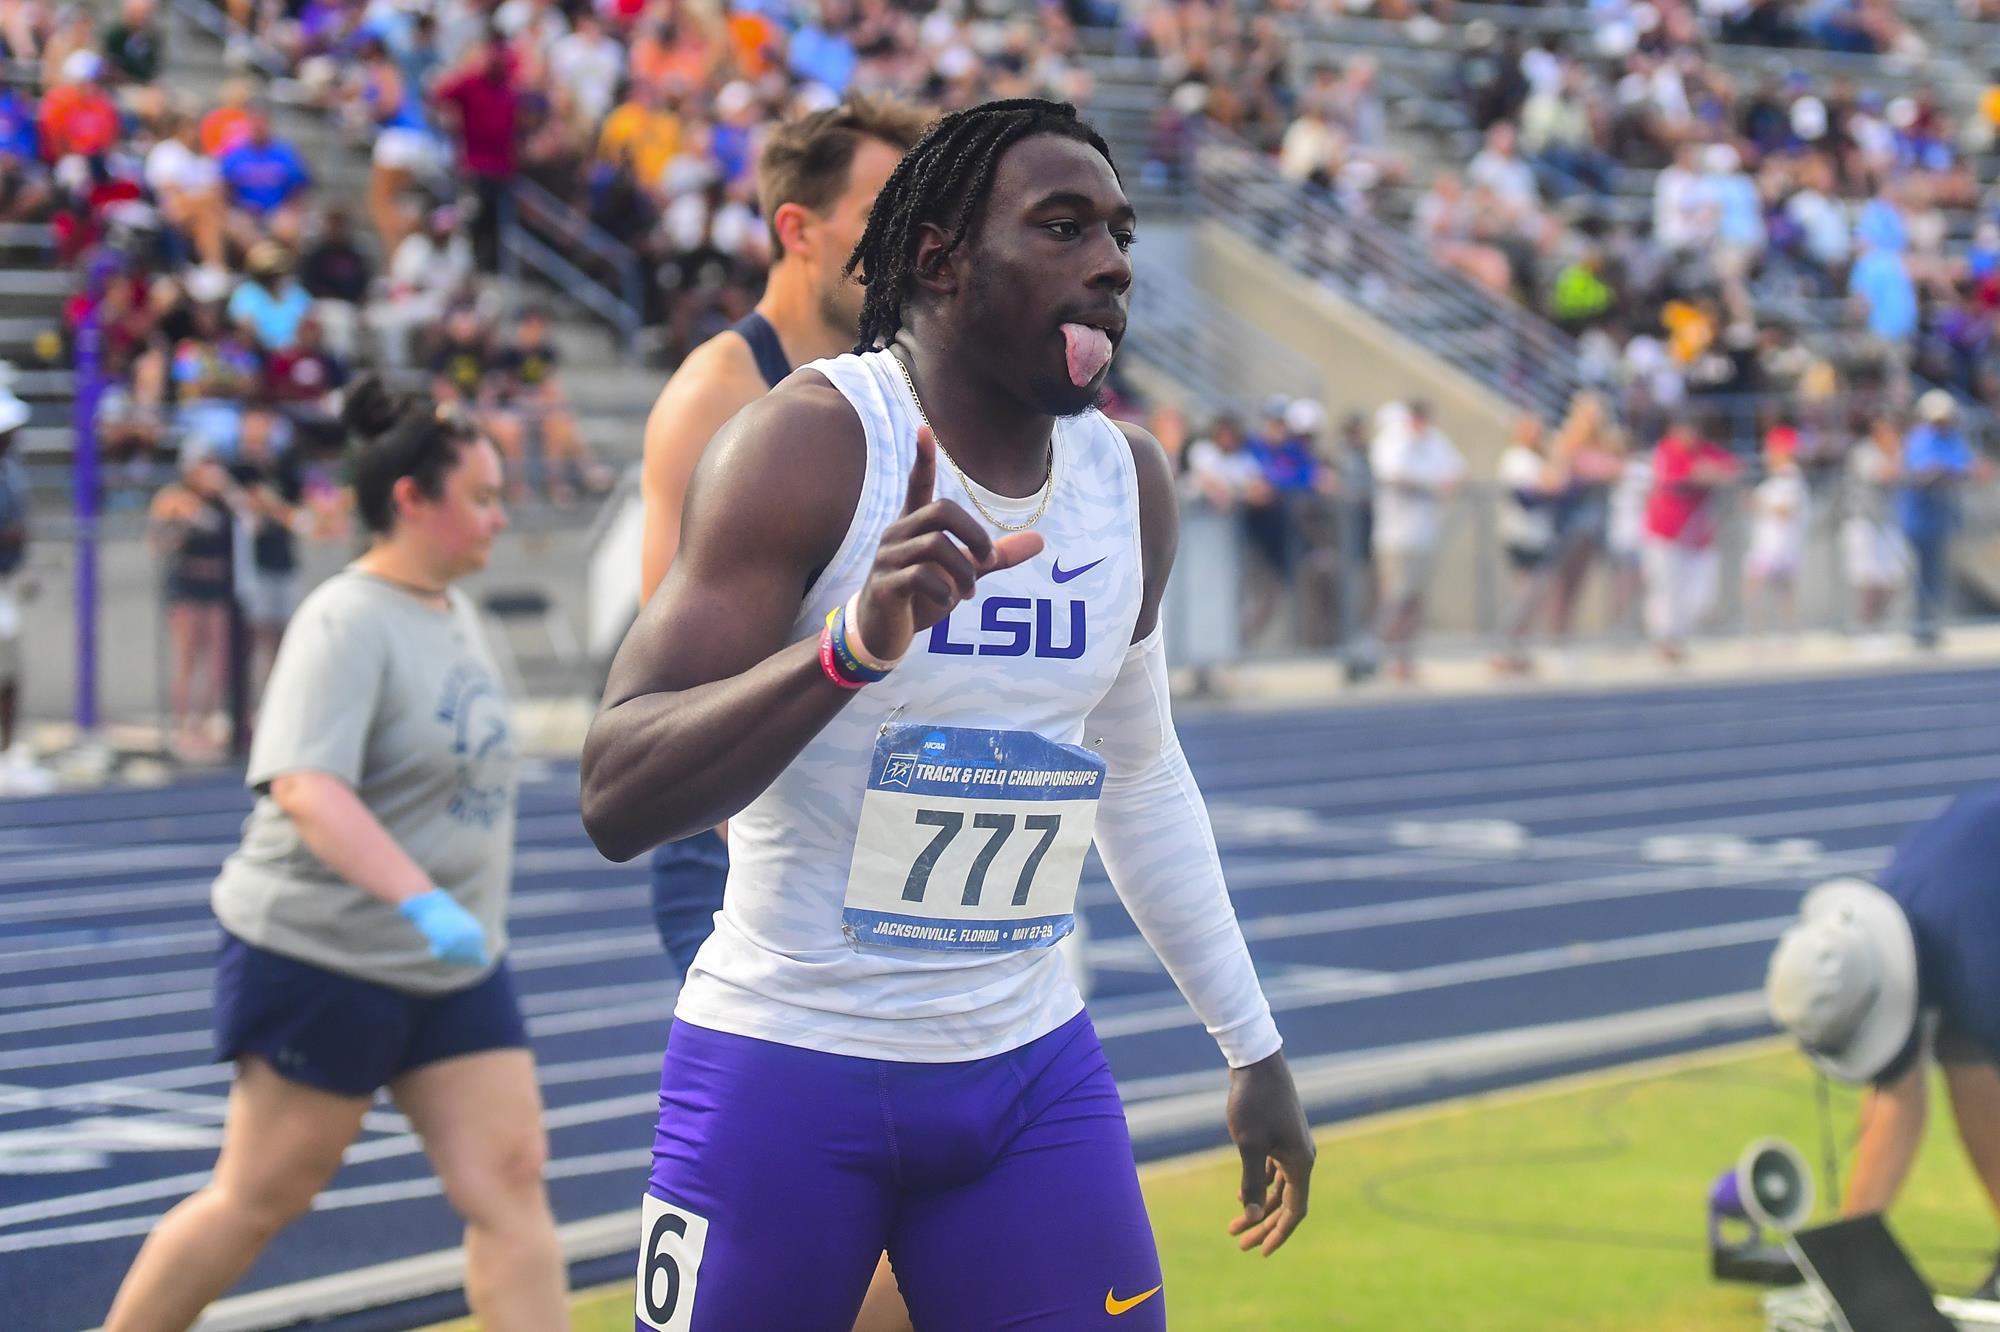 L'Américain Sean Burrell bat le record du monde du 400 mètres haies au championnats universitaires 2021 (NCAA)